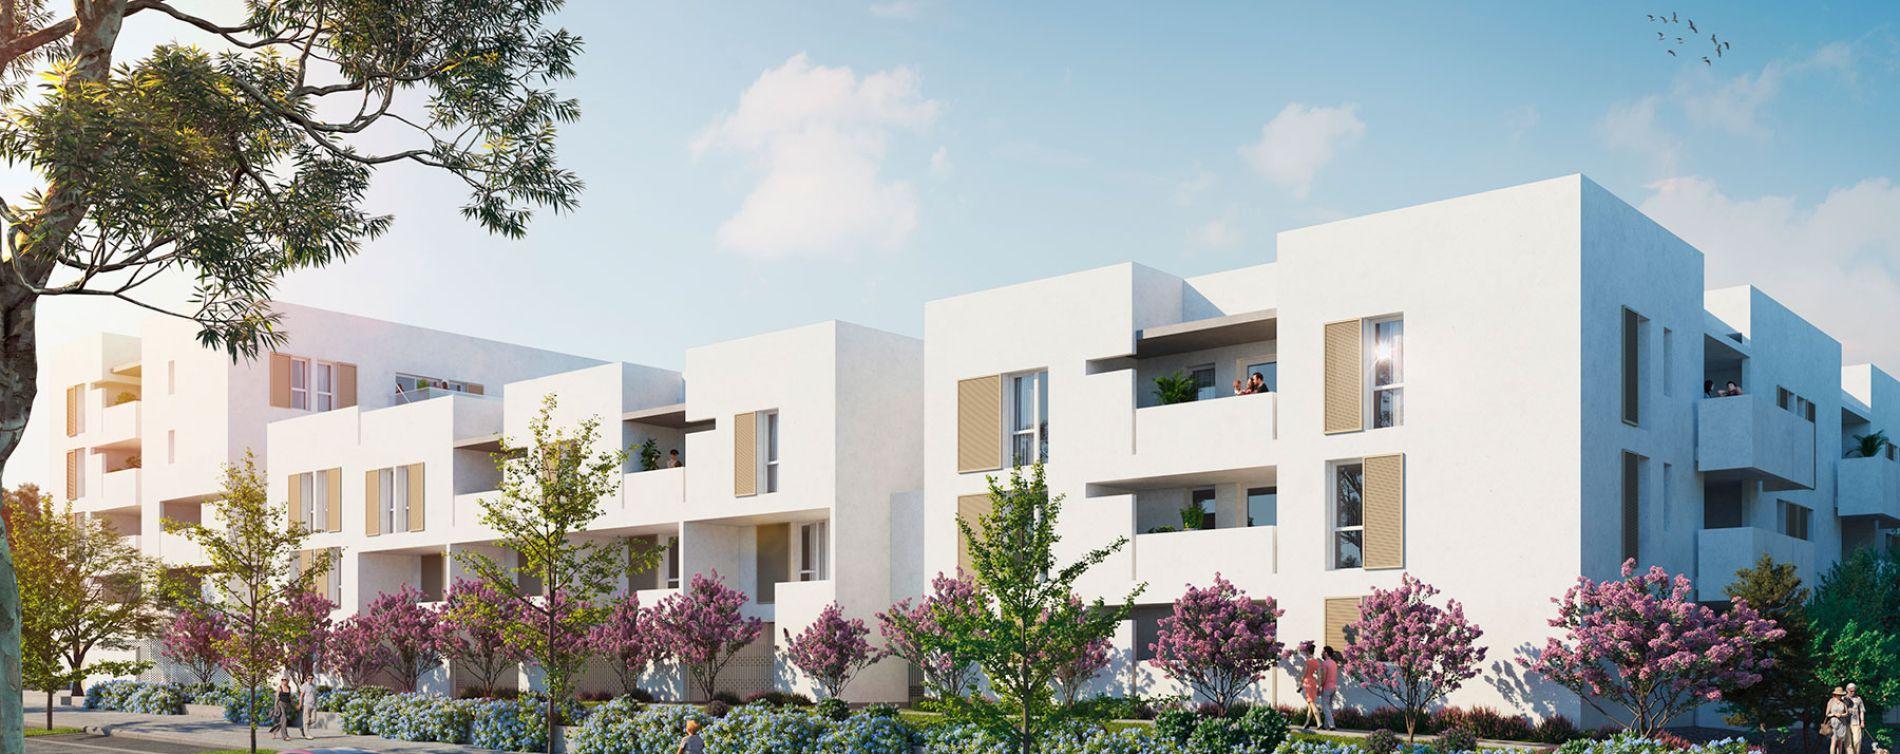 Résidence Liana à Montpellier